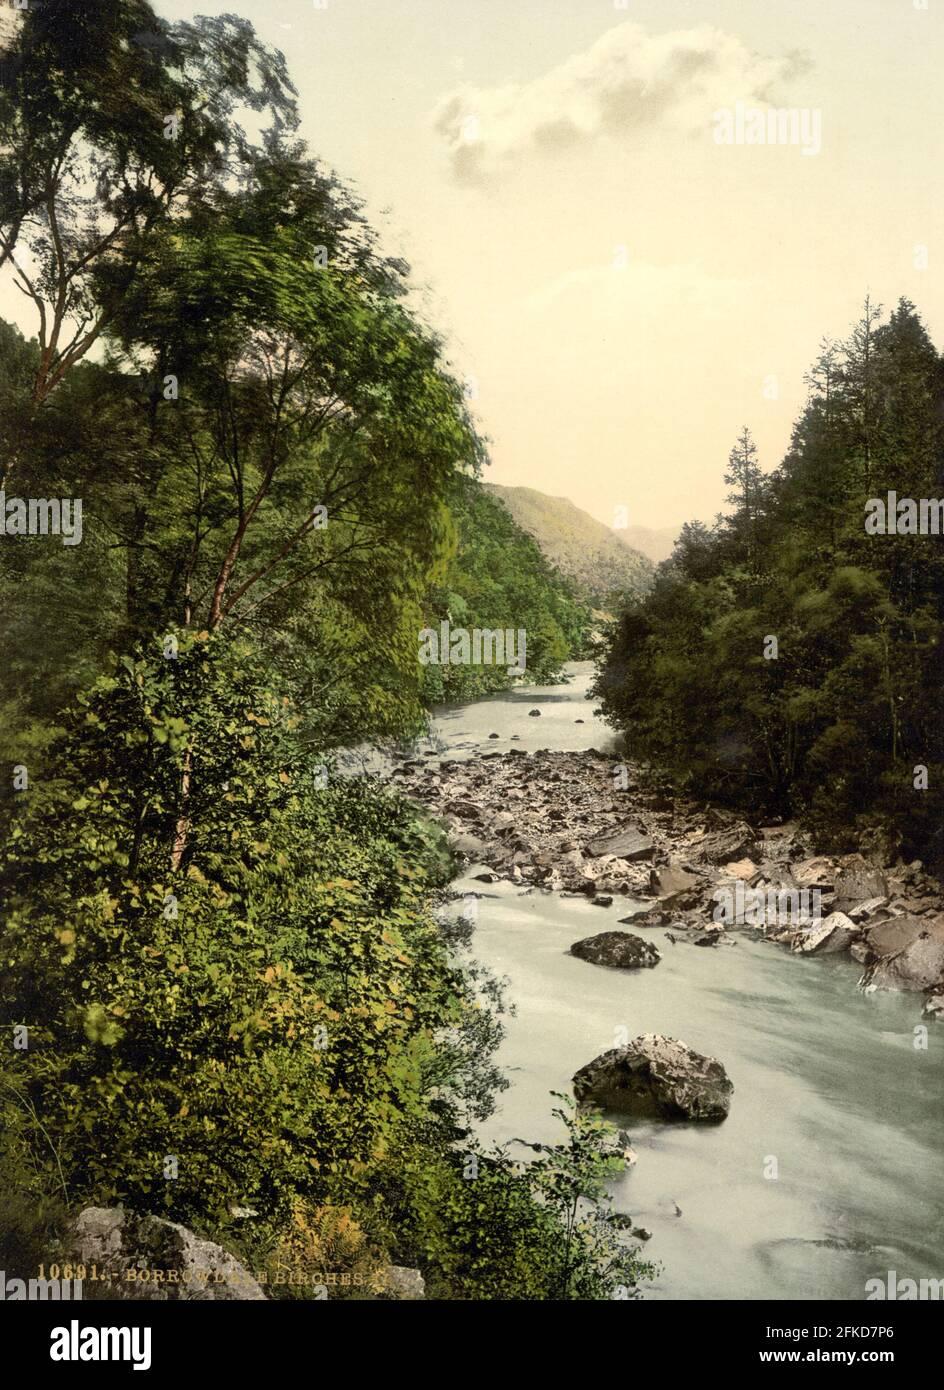 Borrowdale in The Lake District, Cumbria circa 1890-1900 Stock Photo